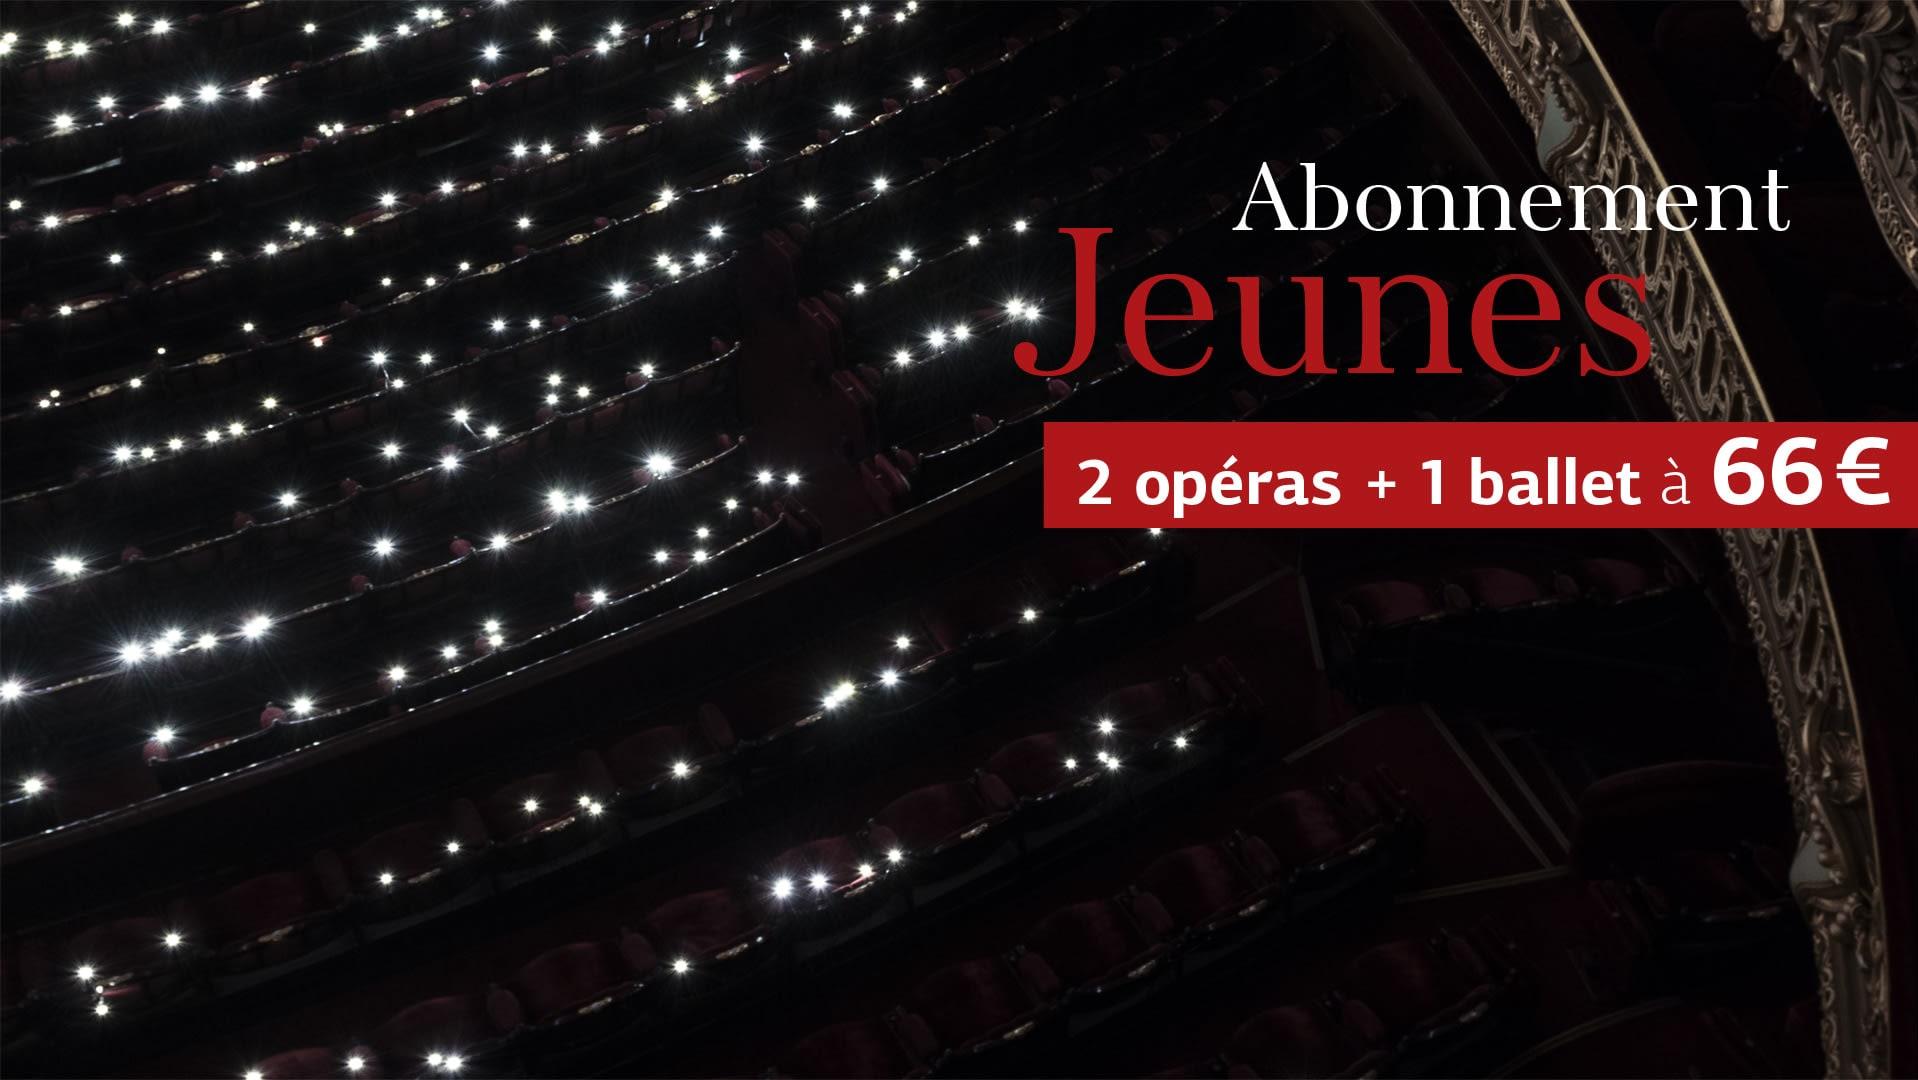 Formule 2 opéras + 1 ballet à 66 €